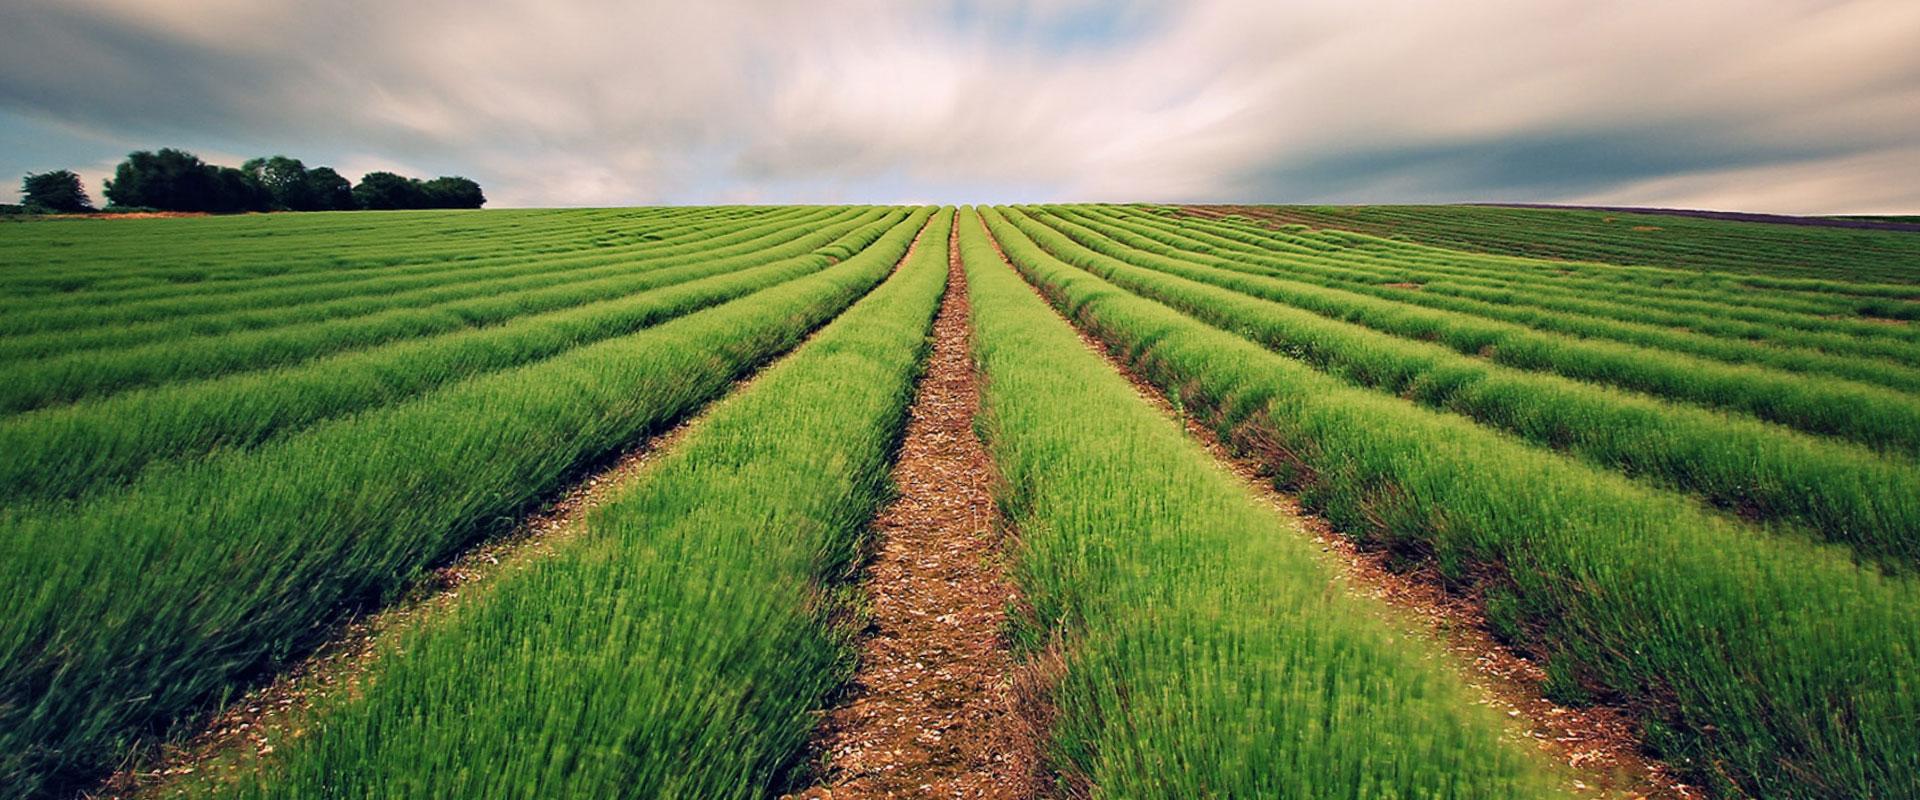 Παράταση ενός έτους για τις αιτήσεις εξαγοράς εκχερσωμένων δασικών εκτάσεων